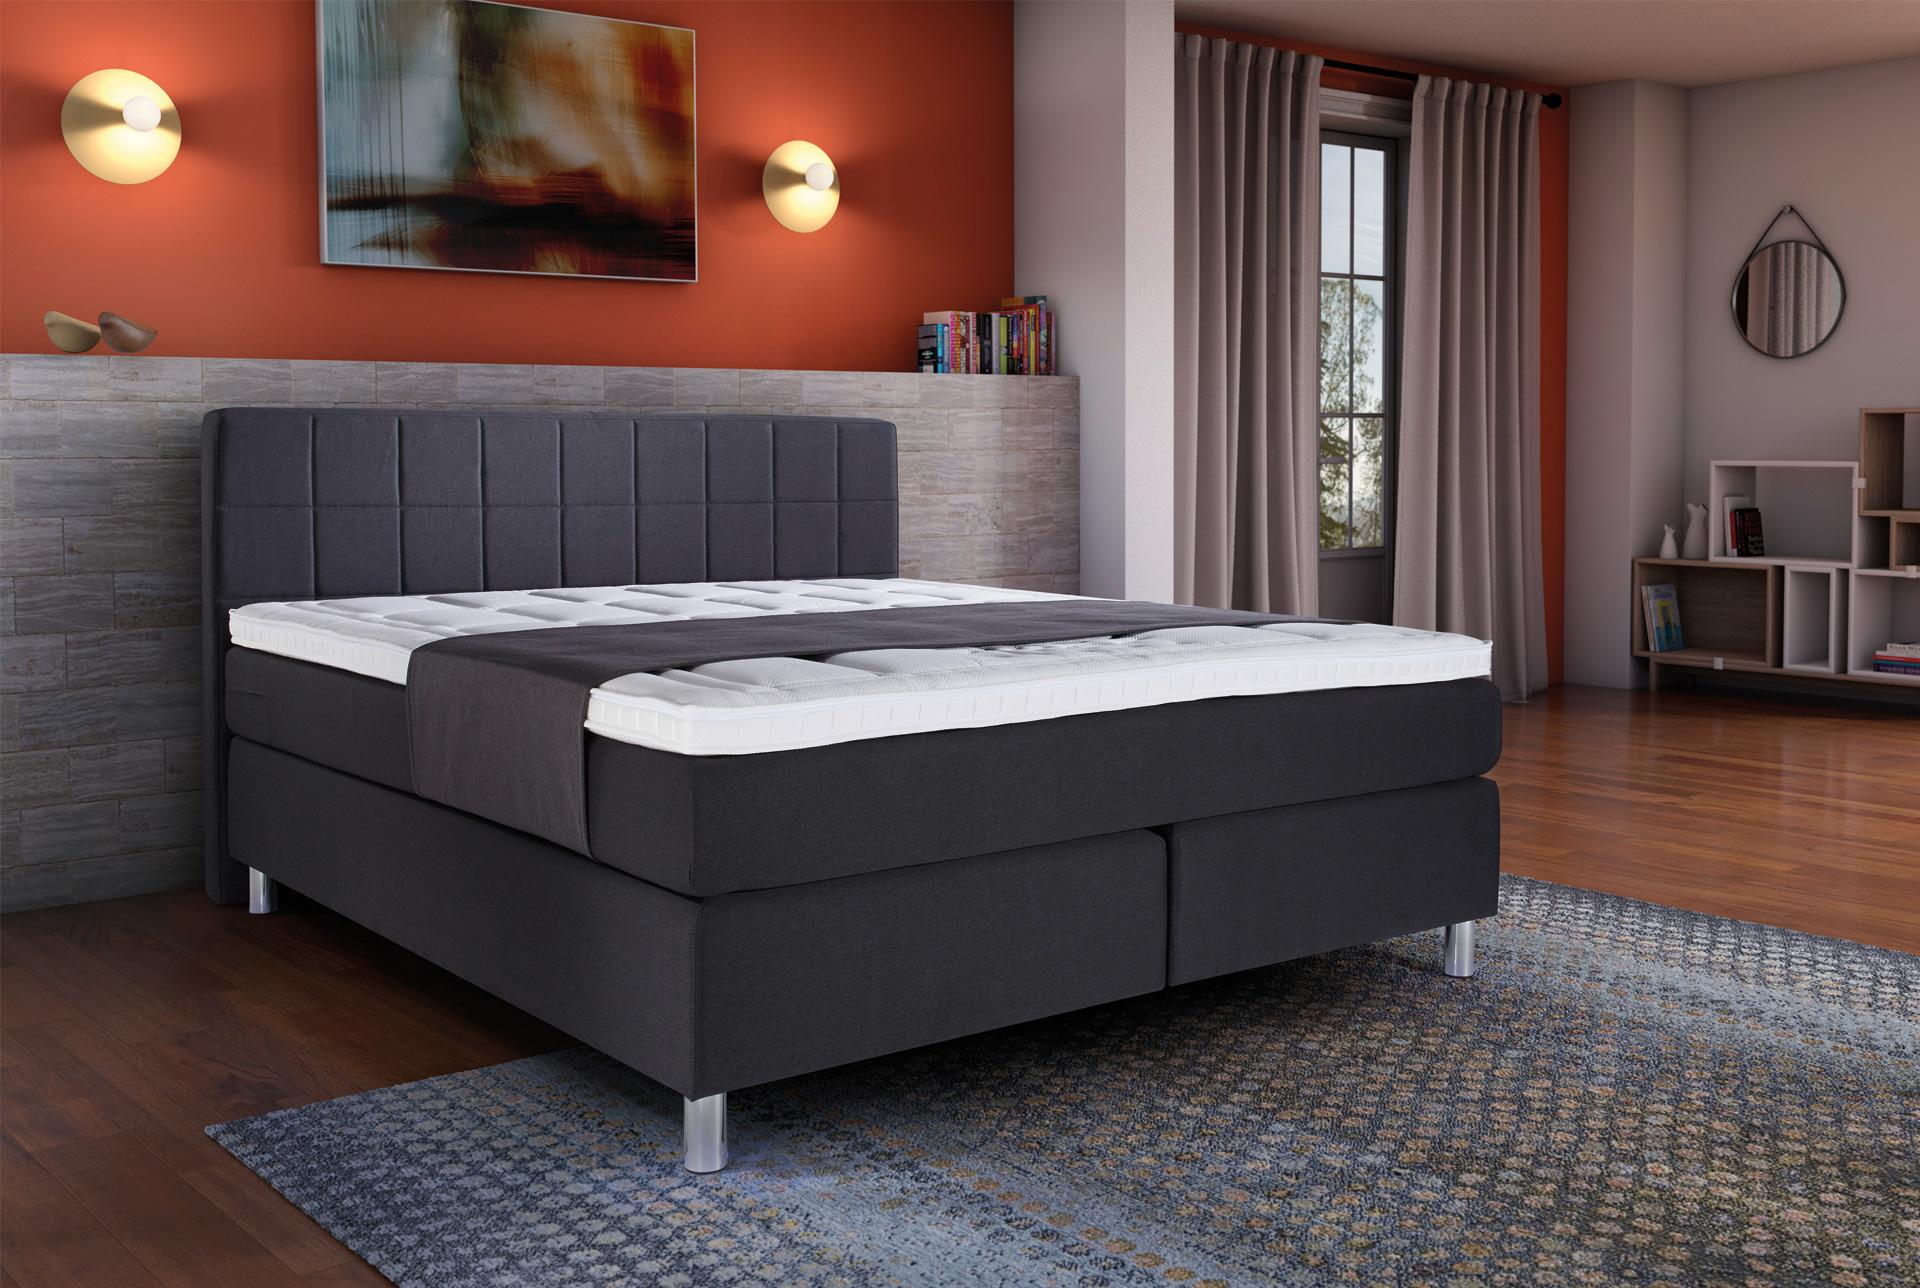 sitec schlafsysteme deutscher hersteller f r matratzen boxspringbetten. Black Bedroom Furniture Sets. Home Design Ideas